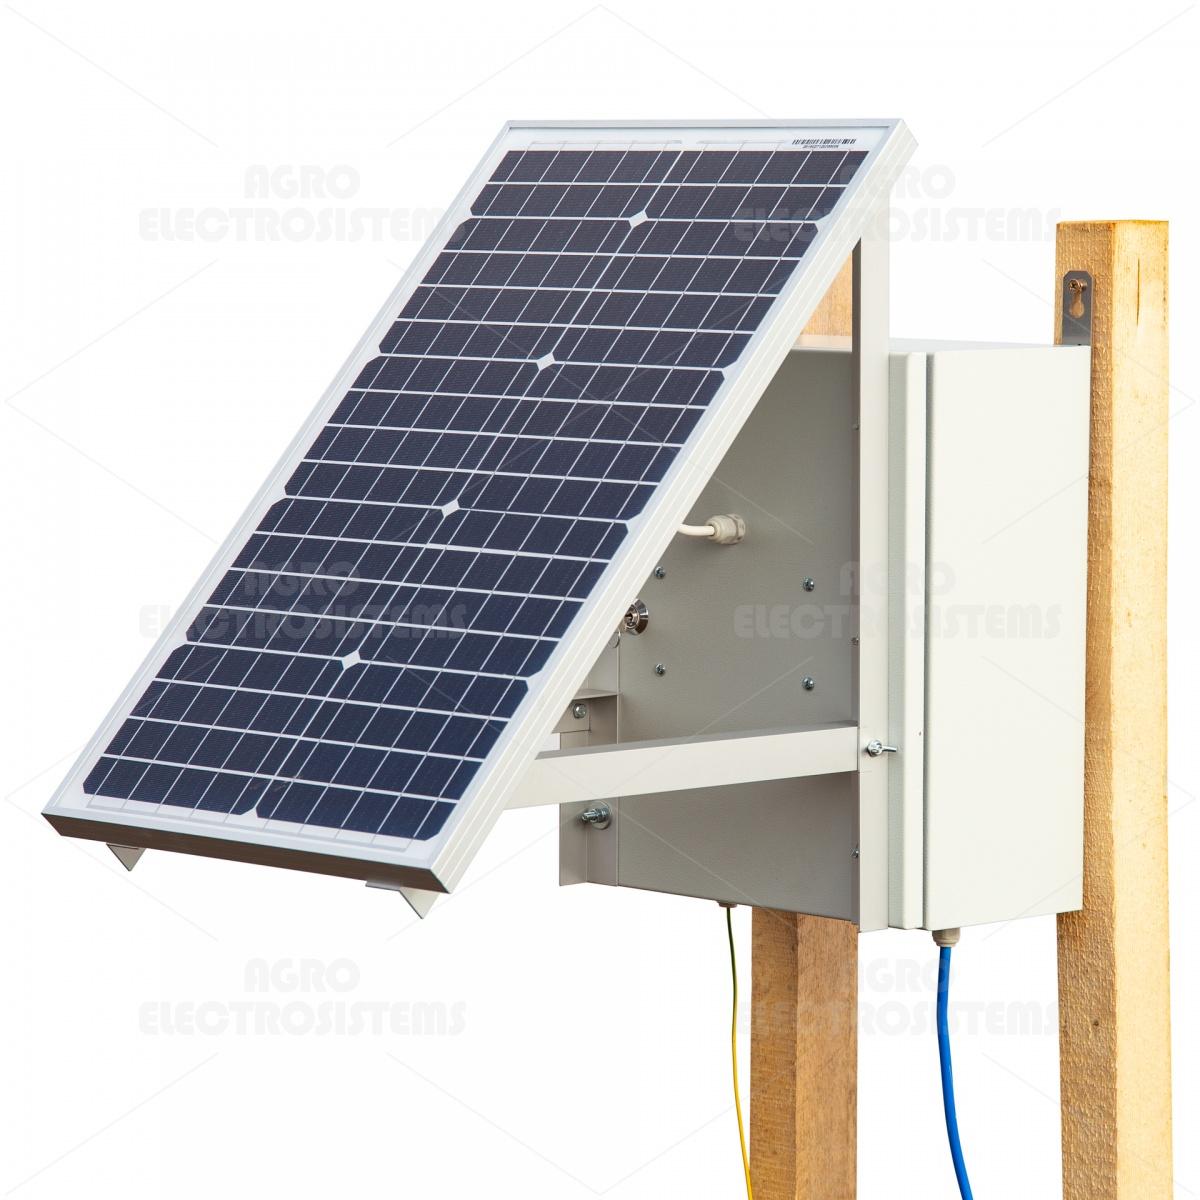 Kompakt DL7200 villanypásztor készülék napelemes rendszerrel és két 12V-os akkumulátorral